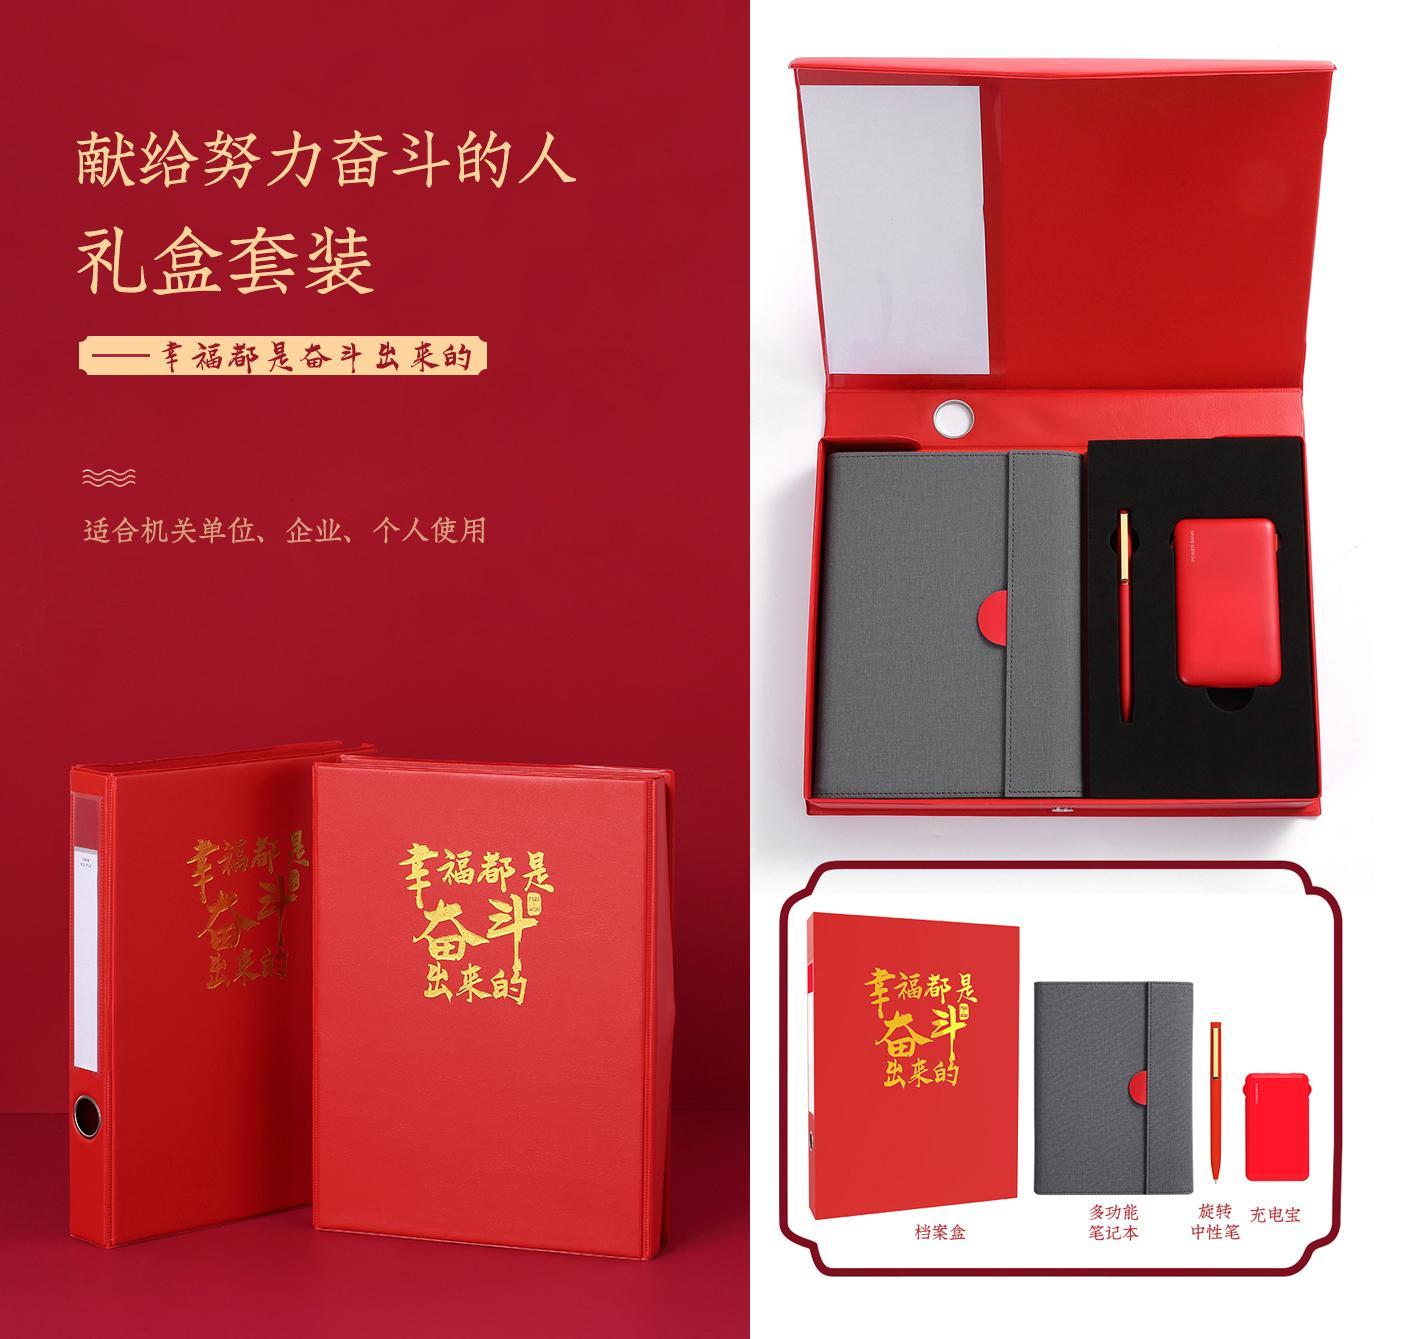 """齐心办公发布""""献给努力奋斗的人""""礼盒 档案盒创意设计首次曝光"""